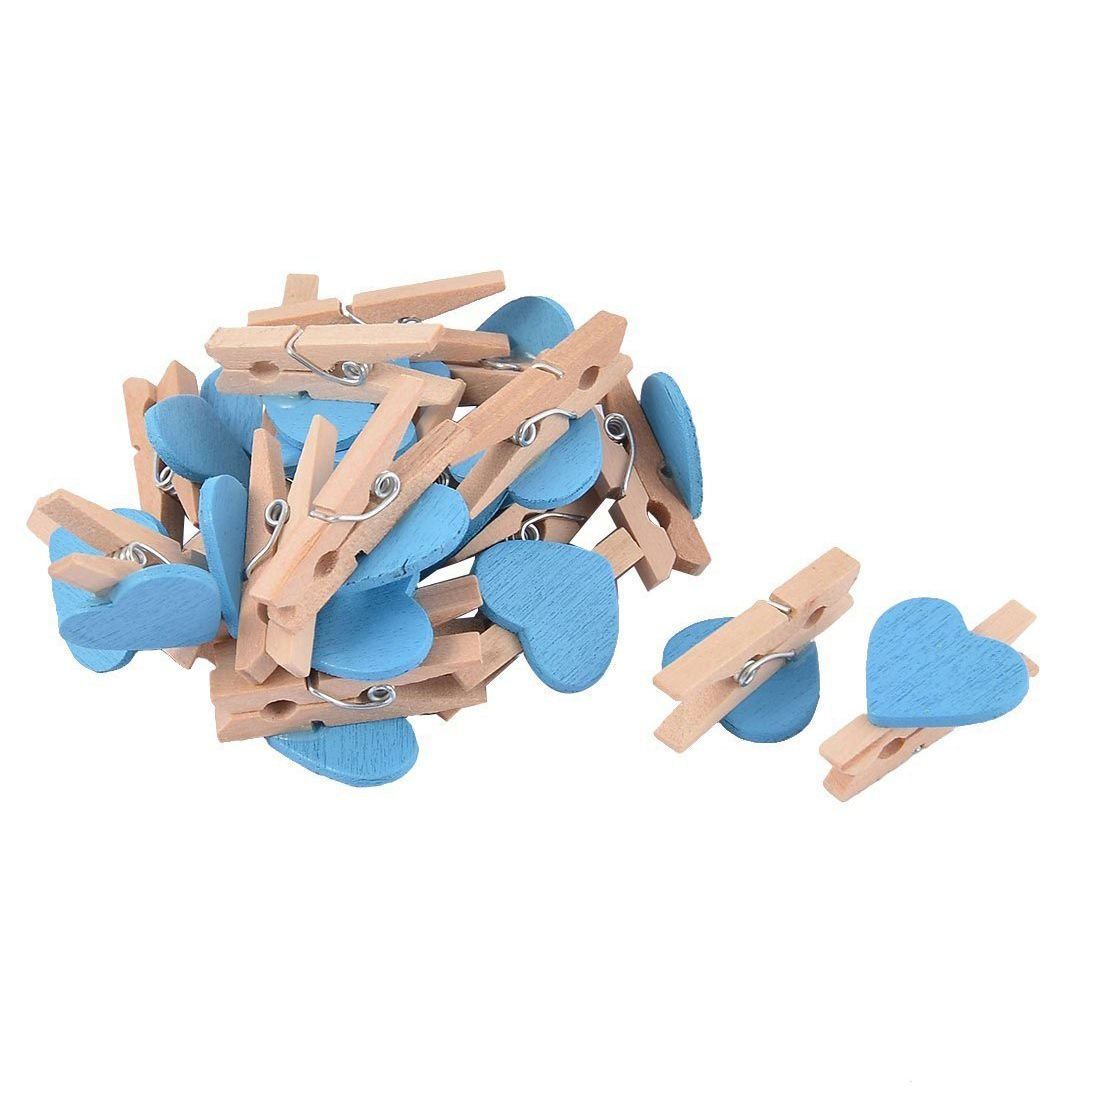 TOOGOO(R) Love Heart Card Photo Clothespins Pegs Mini Wooden Clip 20pcs Blue